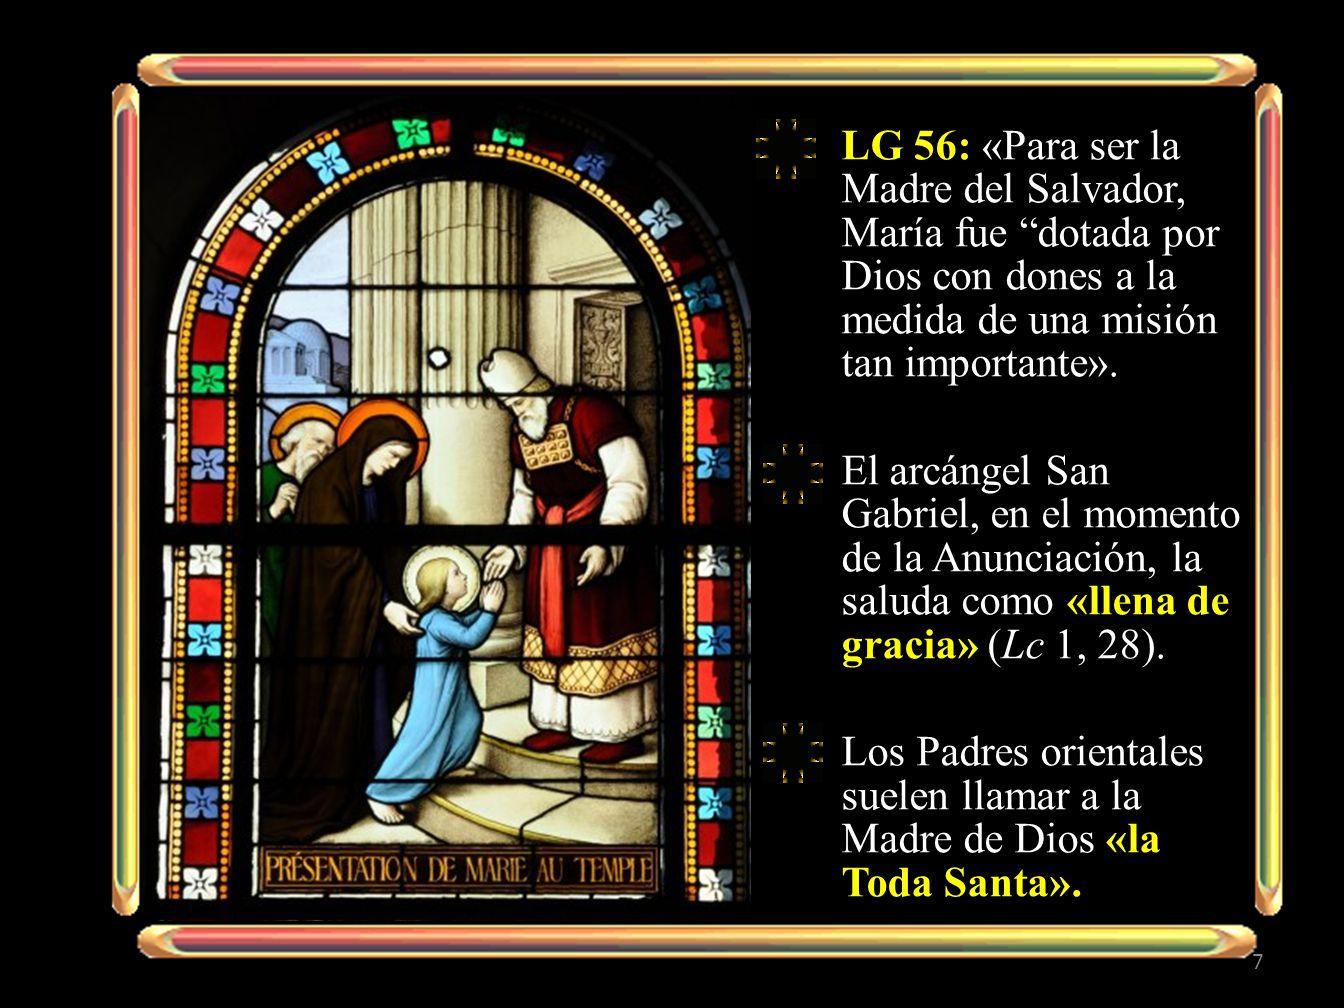 LG 56: «Para ser la Madre del Salvador, María fue dotada por Dios con dones a la medida de una misión tan importante».